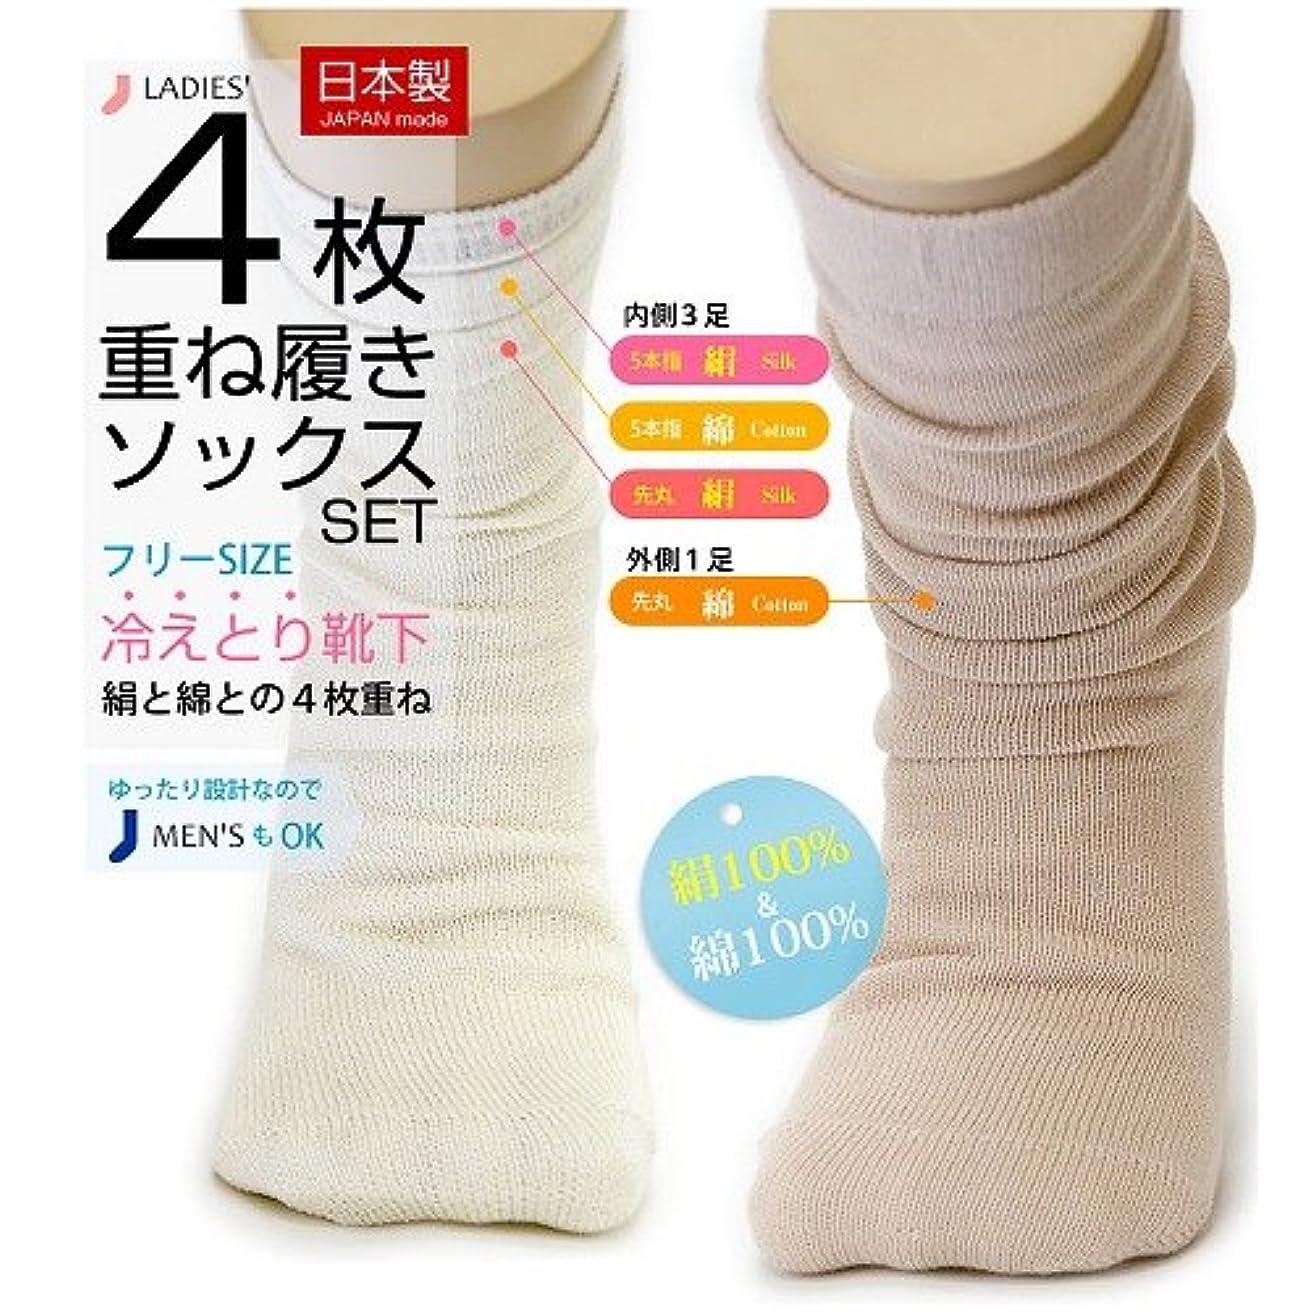 永久必要とする後者冷え取り靴下 綿100%とシルク100% 最高級の日本製 4枚重ねばきセット(外側ライトグレー)